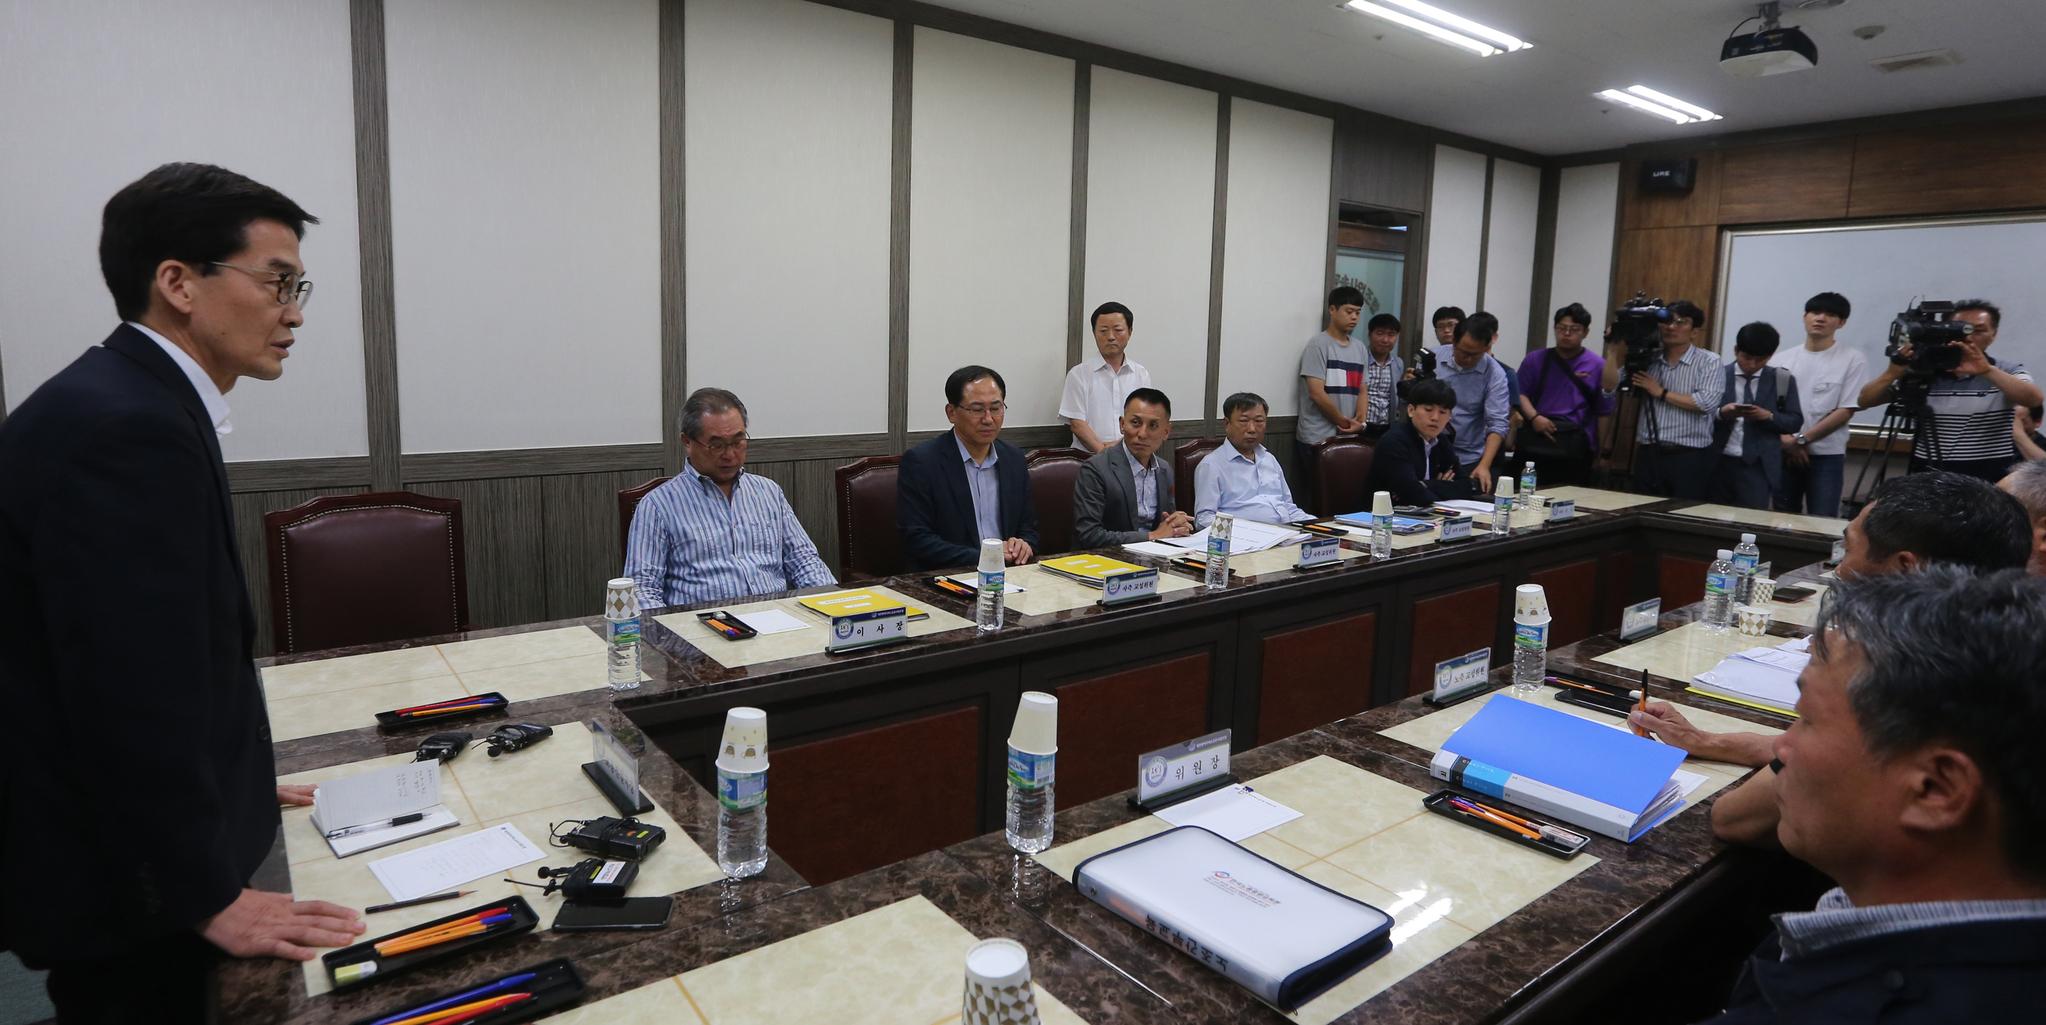 대전 시내버스 파업을 하루 앞둔 16일 대전시버스운송사업조합 회의실에서 노사정 간담회가 열리고 있다. [연합뉴스]